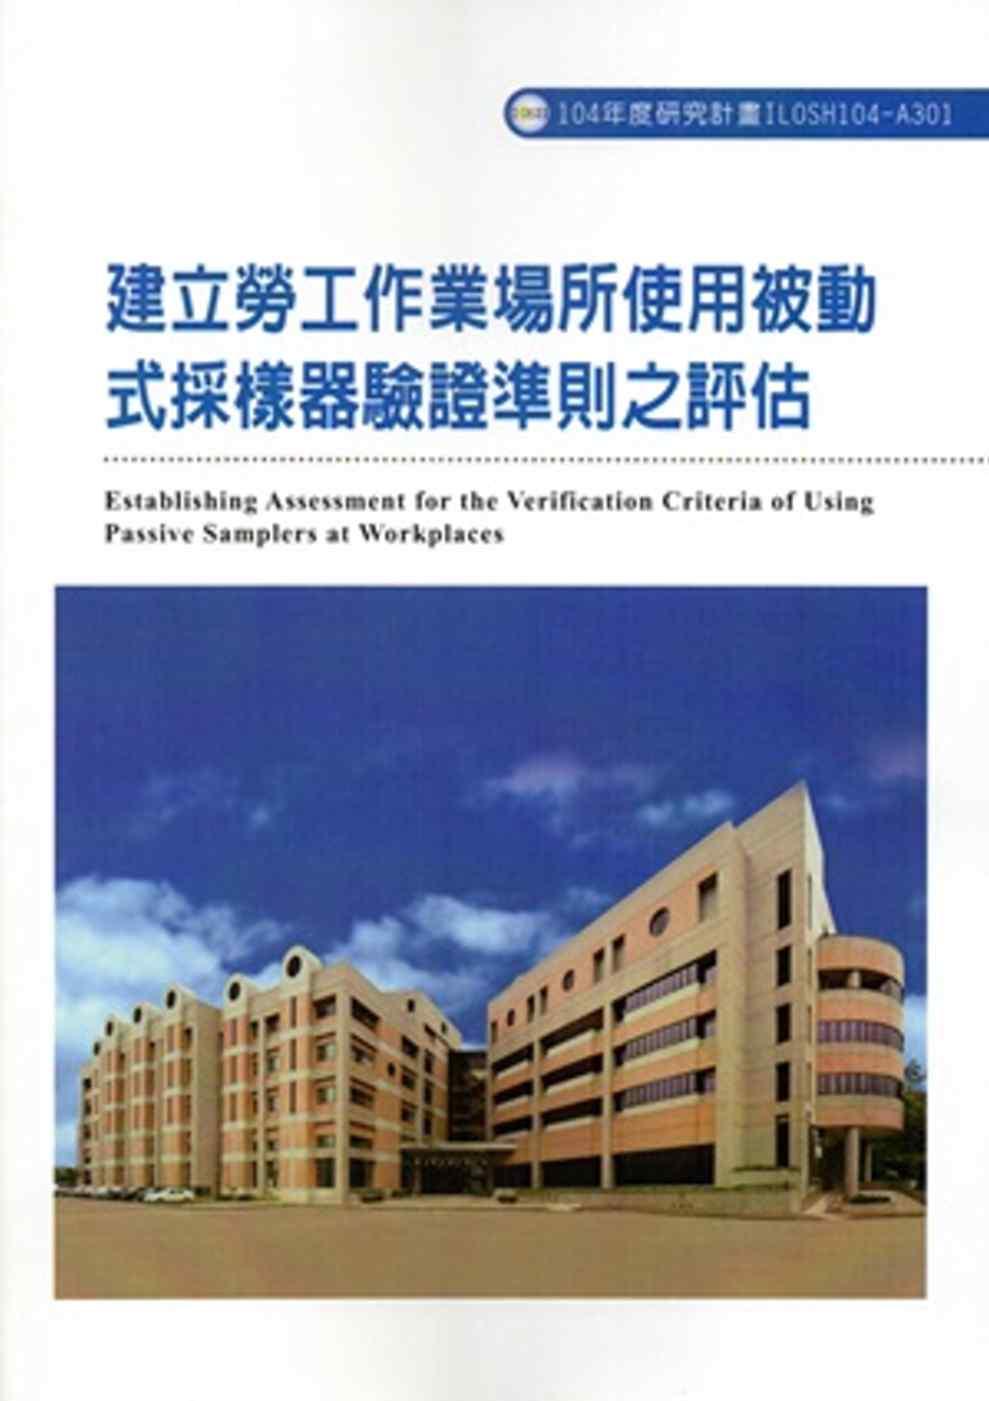 建立勞工作業場所 被動式採樣器驗證準則之評估ILOSH104~A301